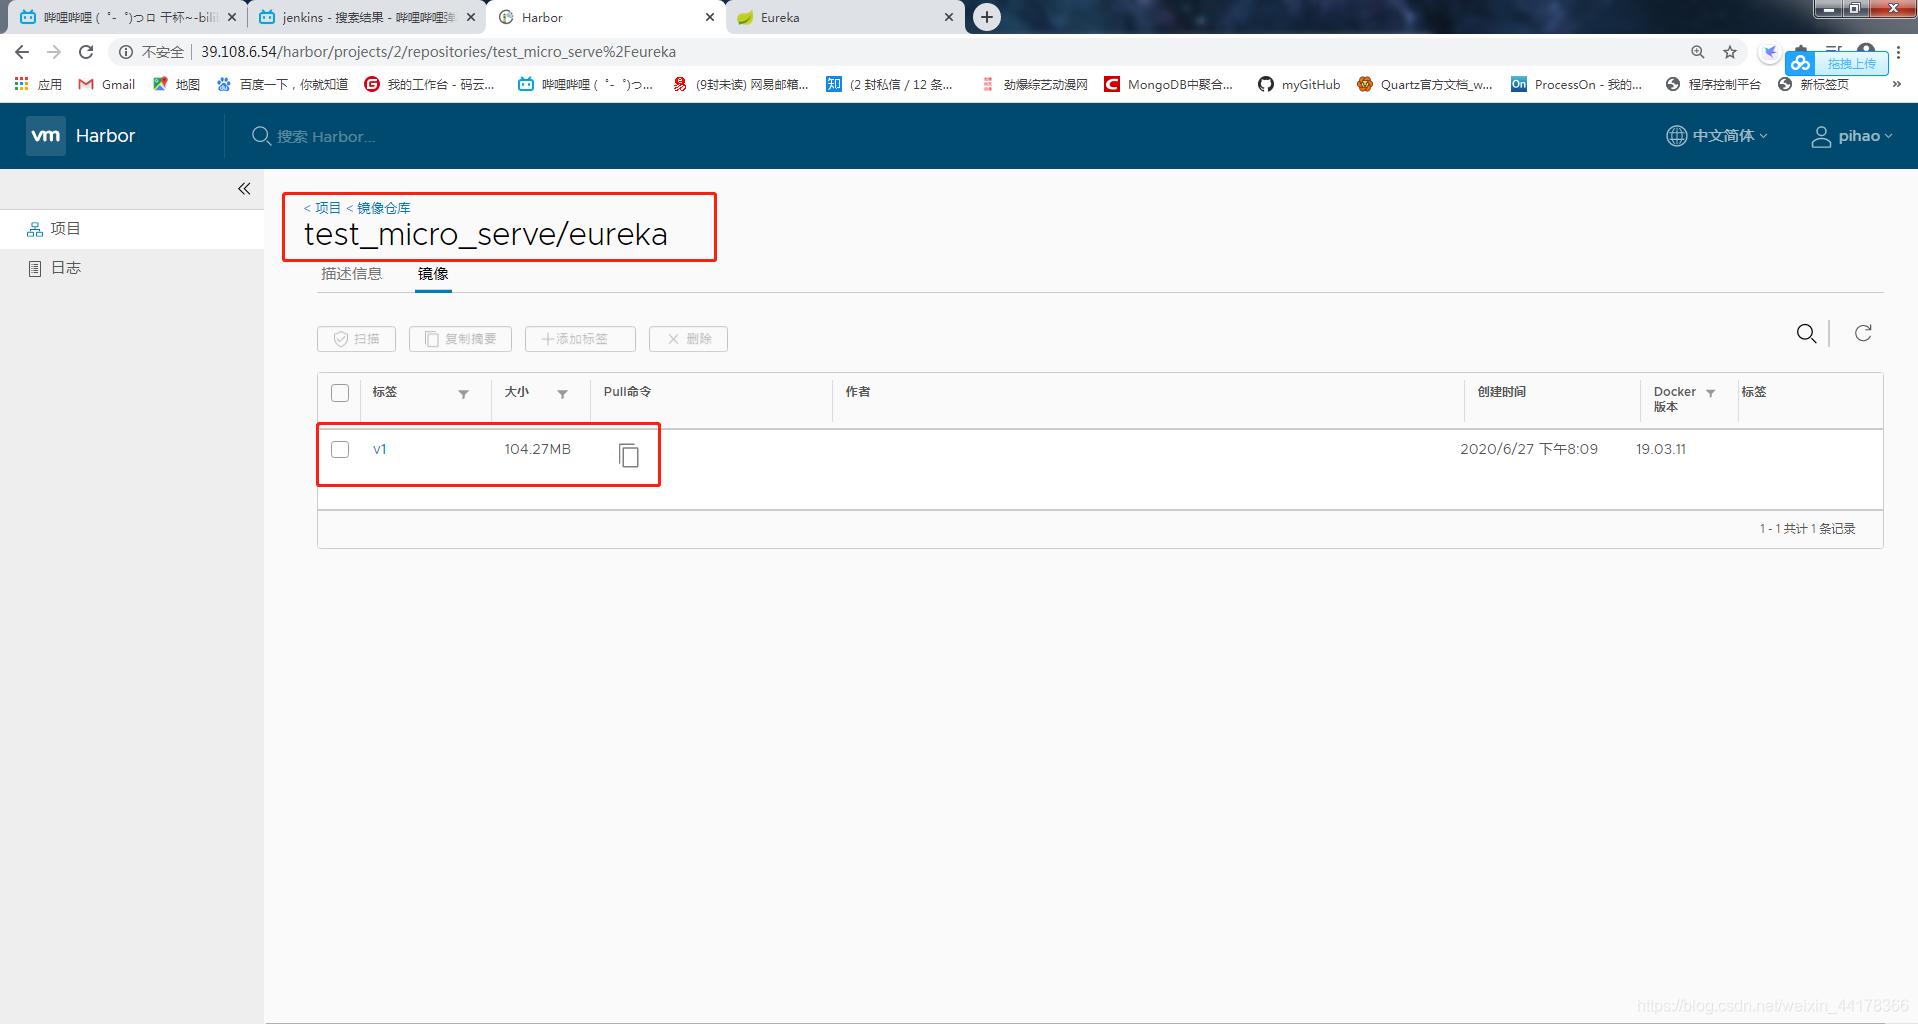 [外链图片转存失败,源站可能有防盗链机制,建议将图片保存下来直接上传(img-z4JCkcZY-1593263593022)(C:\Users\Administrator\AppData\Roaming\Typora\typora-user-images\image-20200627204432351.png)]